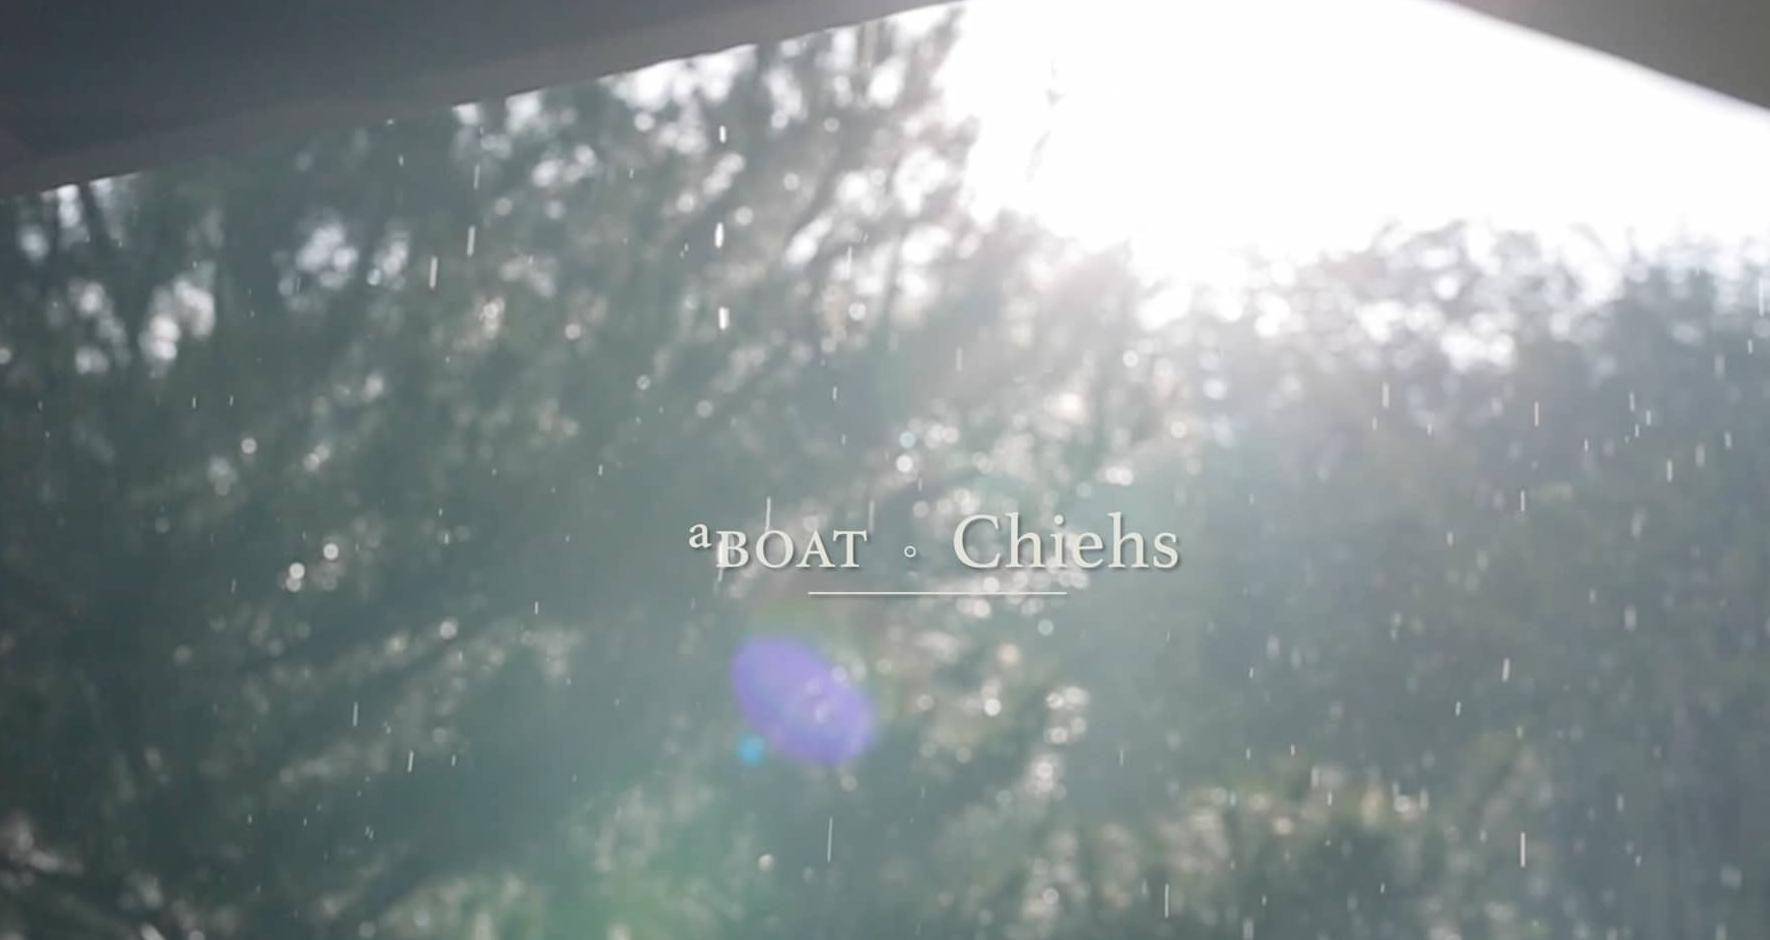 動態婚紗 |Chiehs